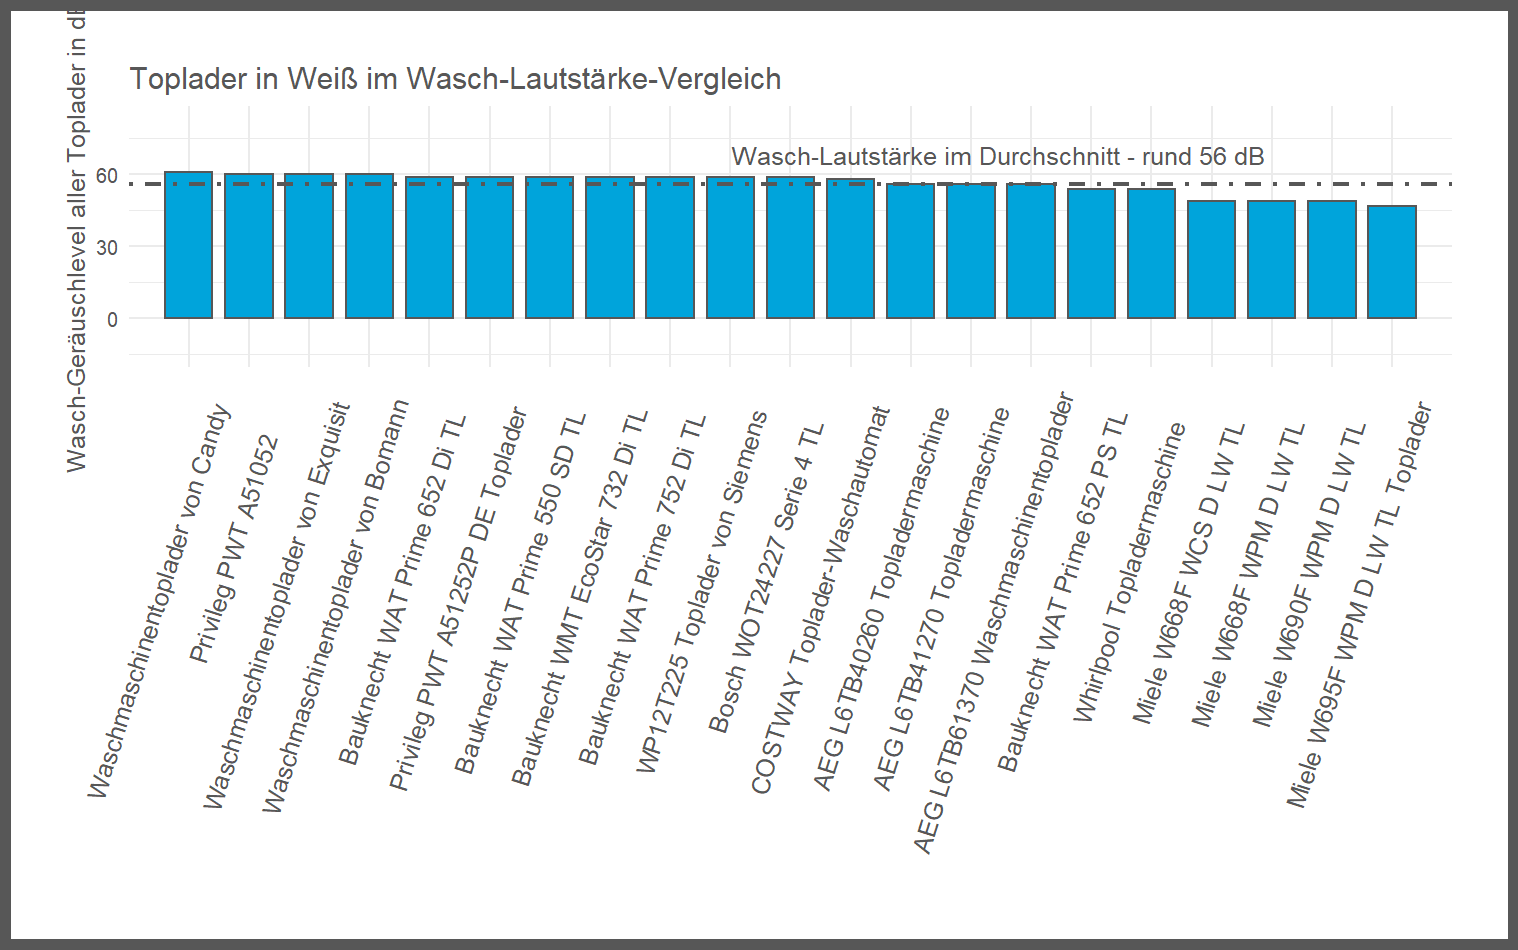 feingliedriger Wasch-Luftschallemission-Vergleich Toplader Farbe